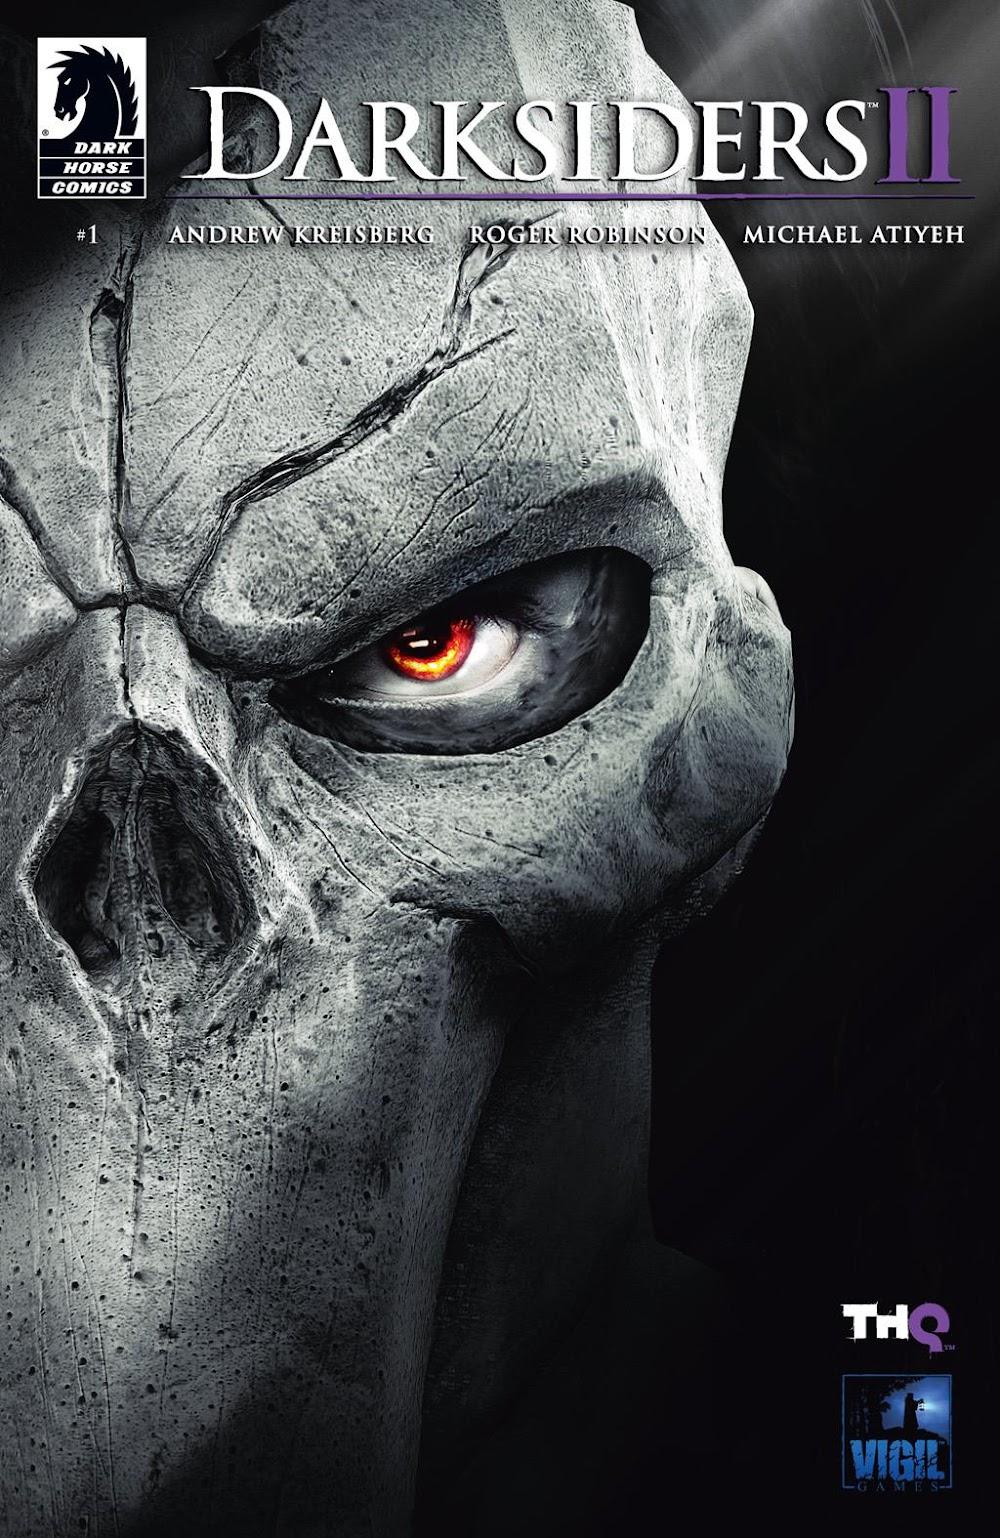 Darksiders II (2012) - complete